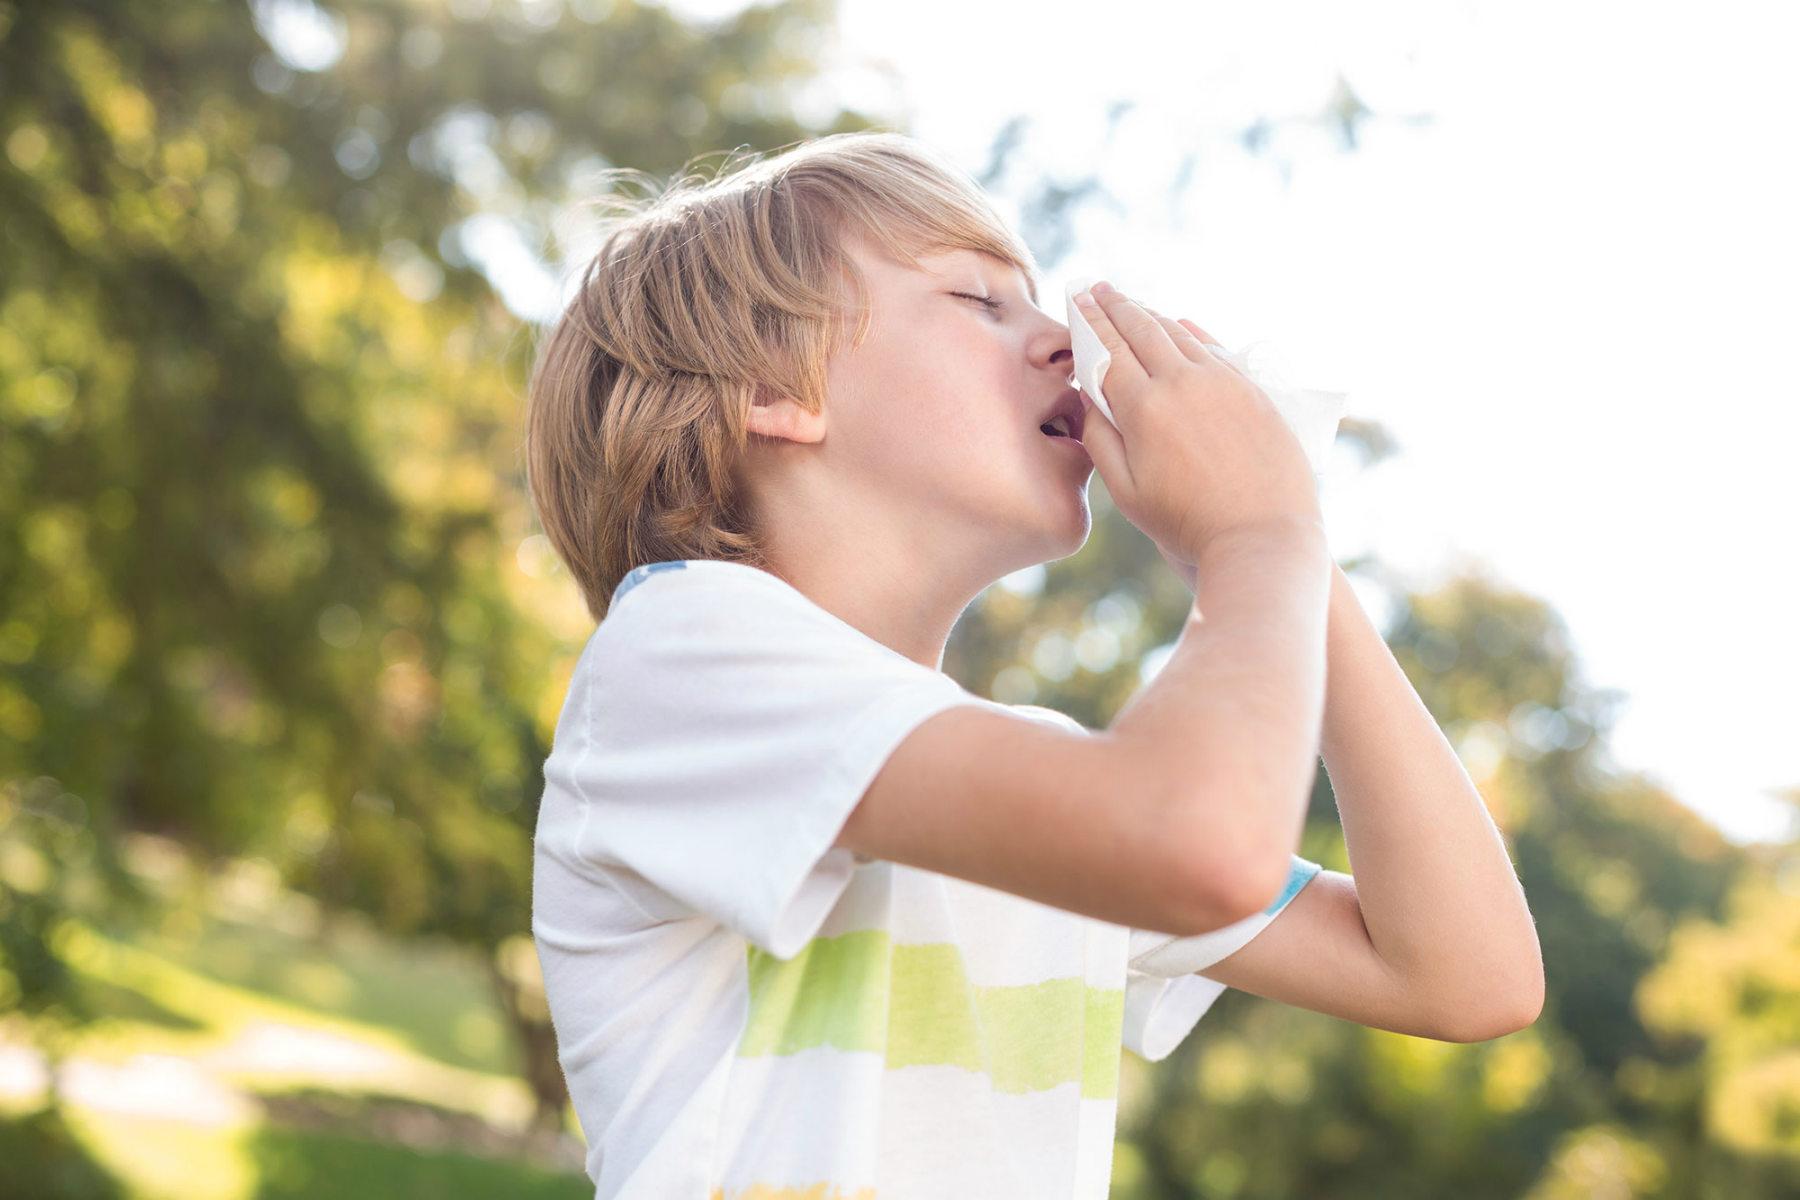 sneezing kid Antihistamine